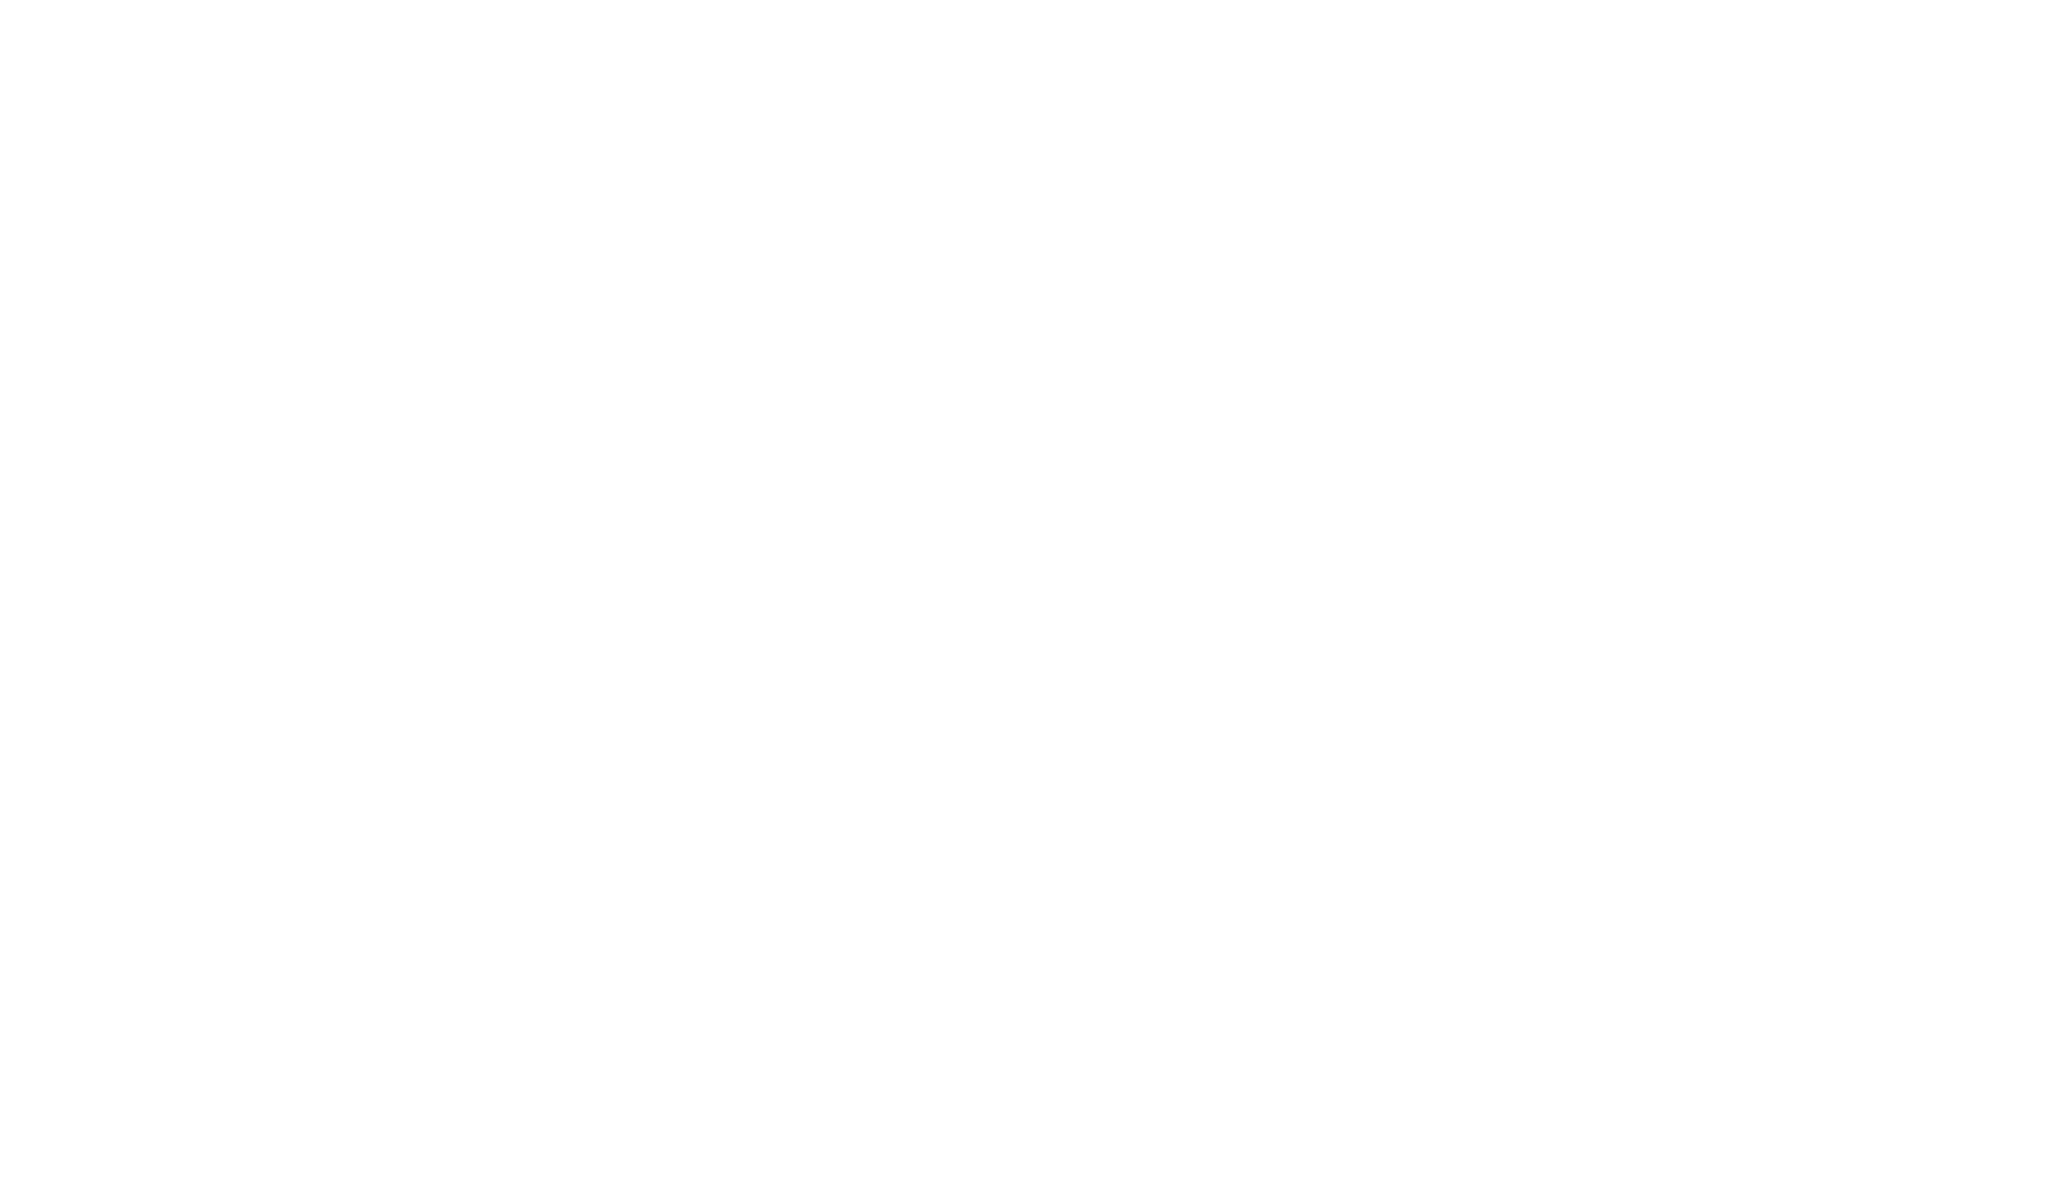 Pousada Martin Pescador